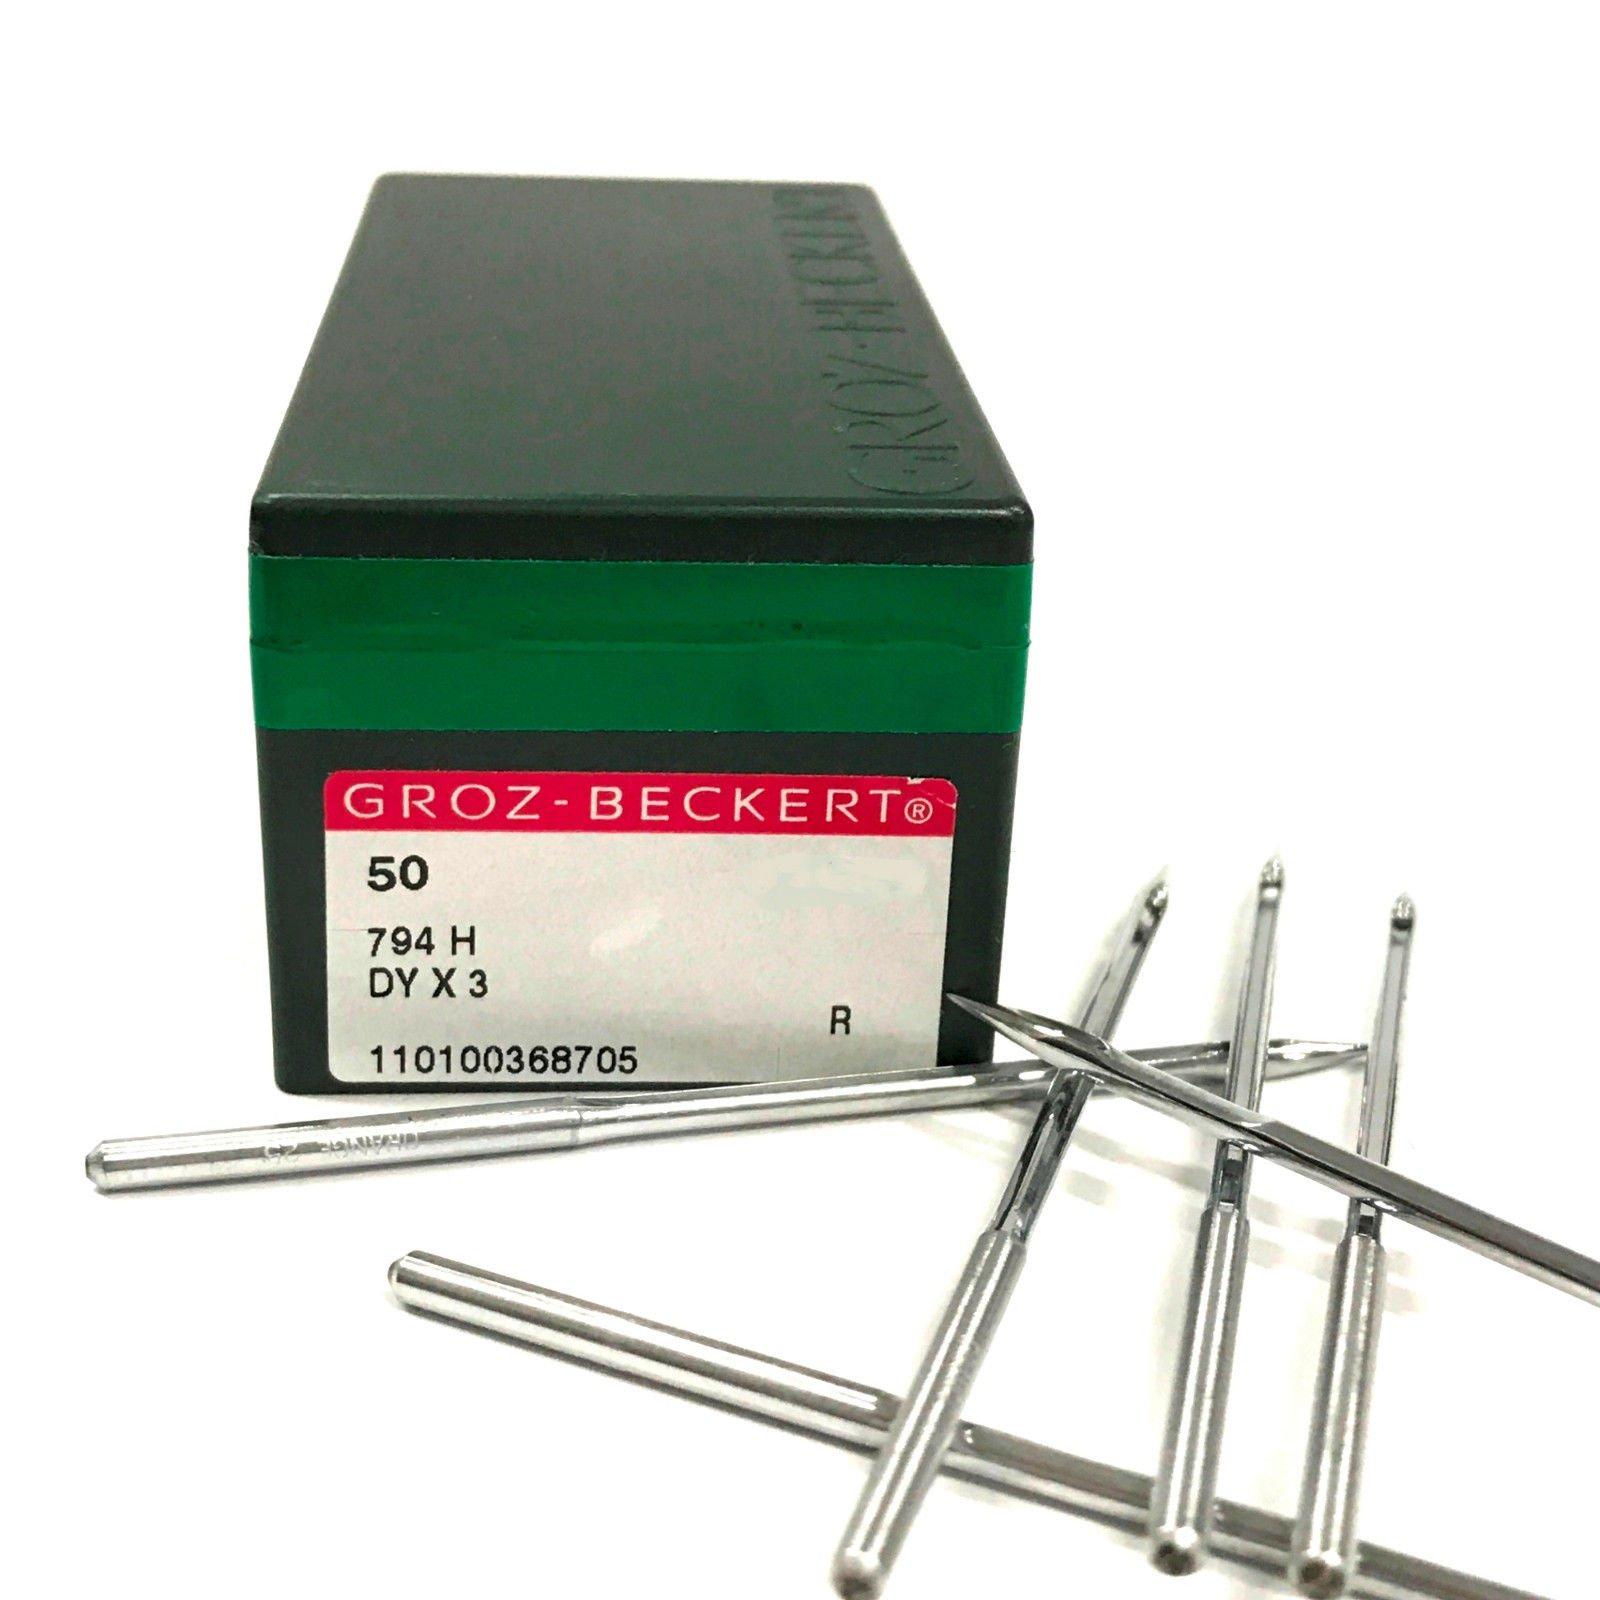 50 Pk. Groz-Beckert 794H 7X3 DYX3 Industrial Sewing Machine Needles by Groz-Beckert